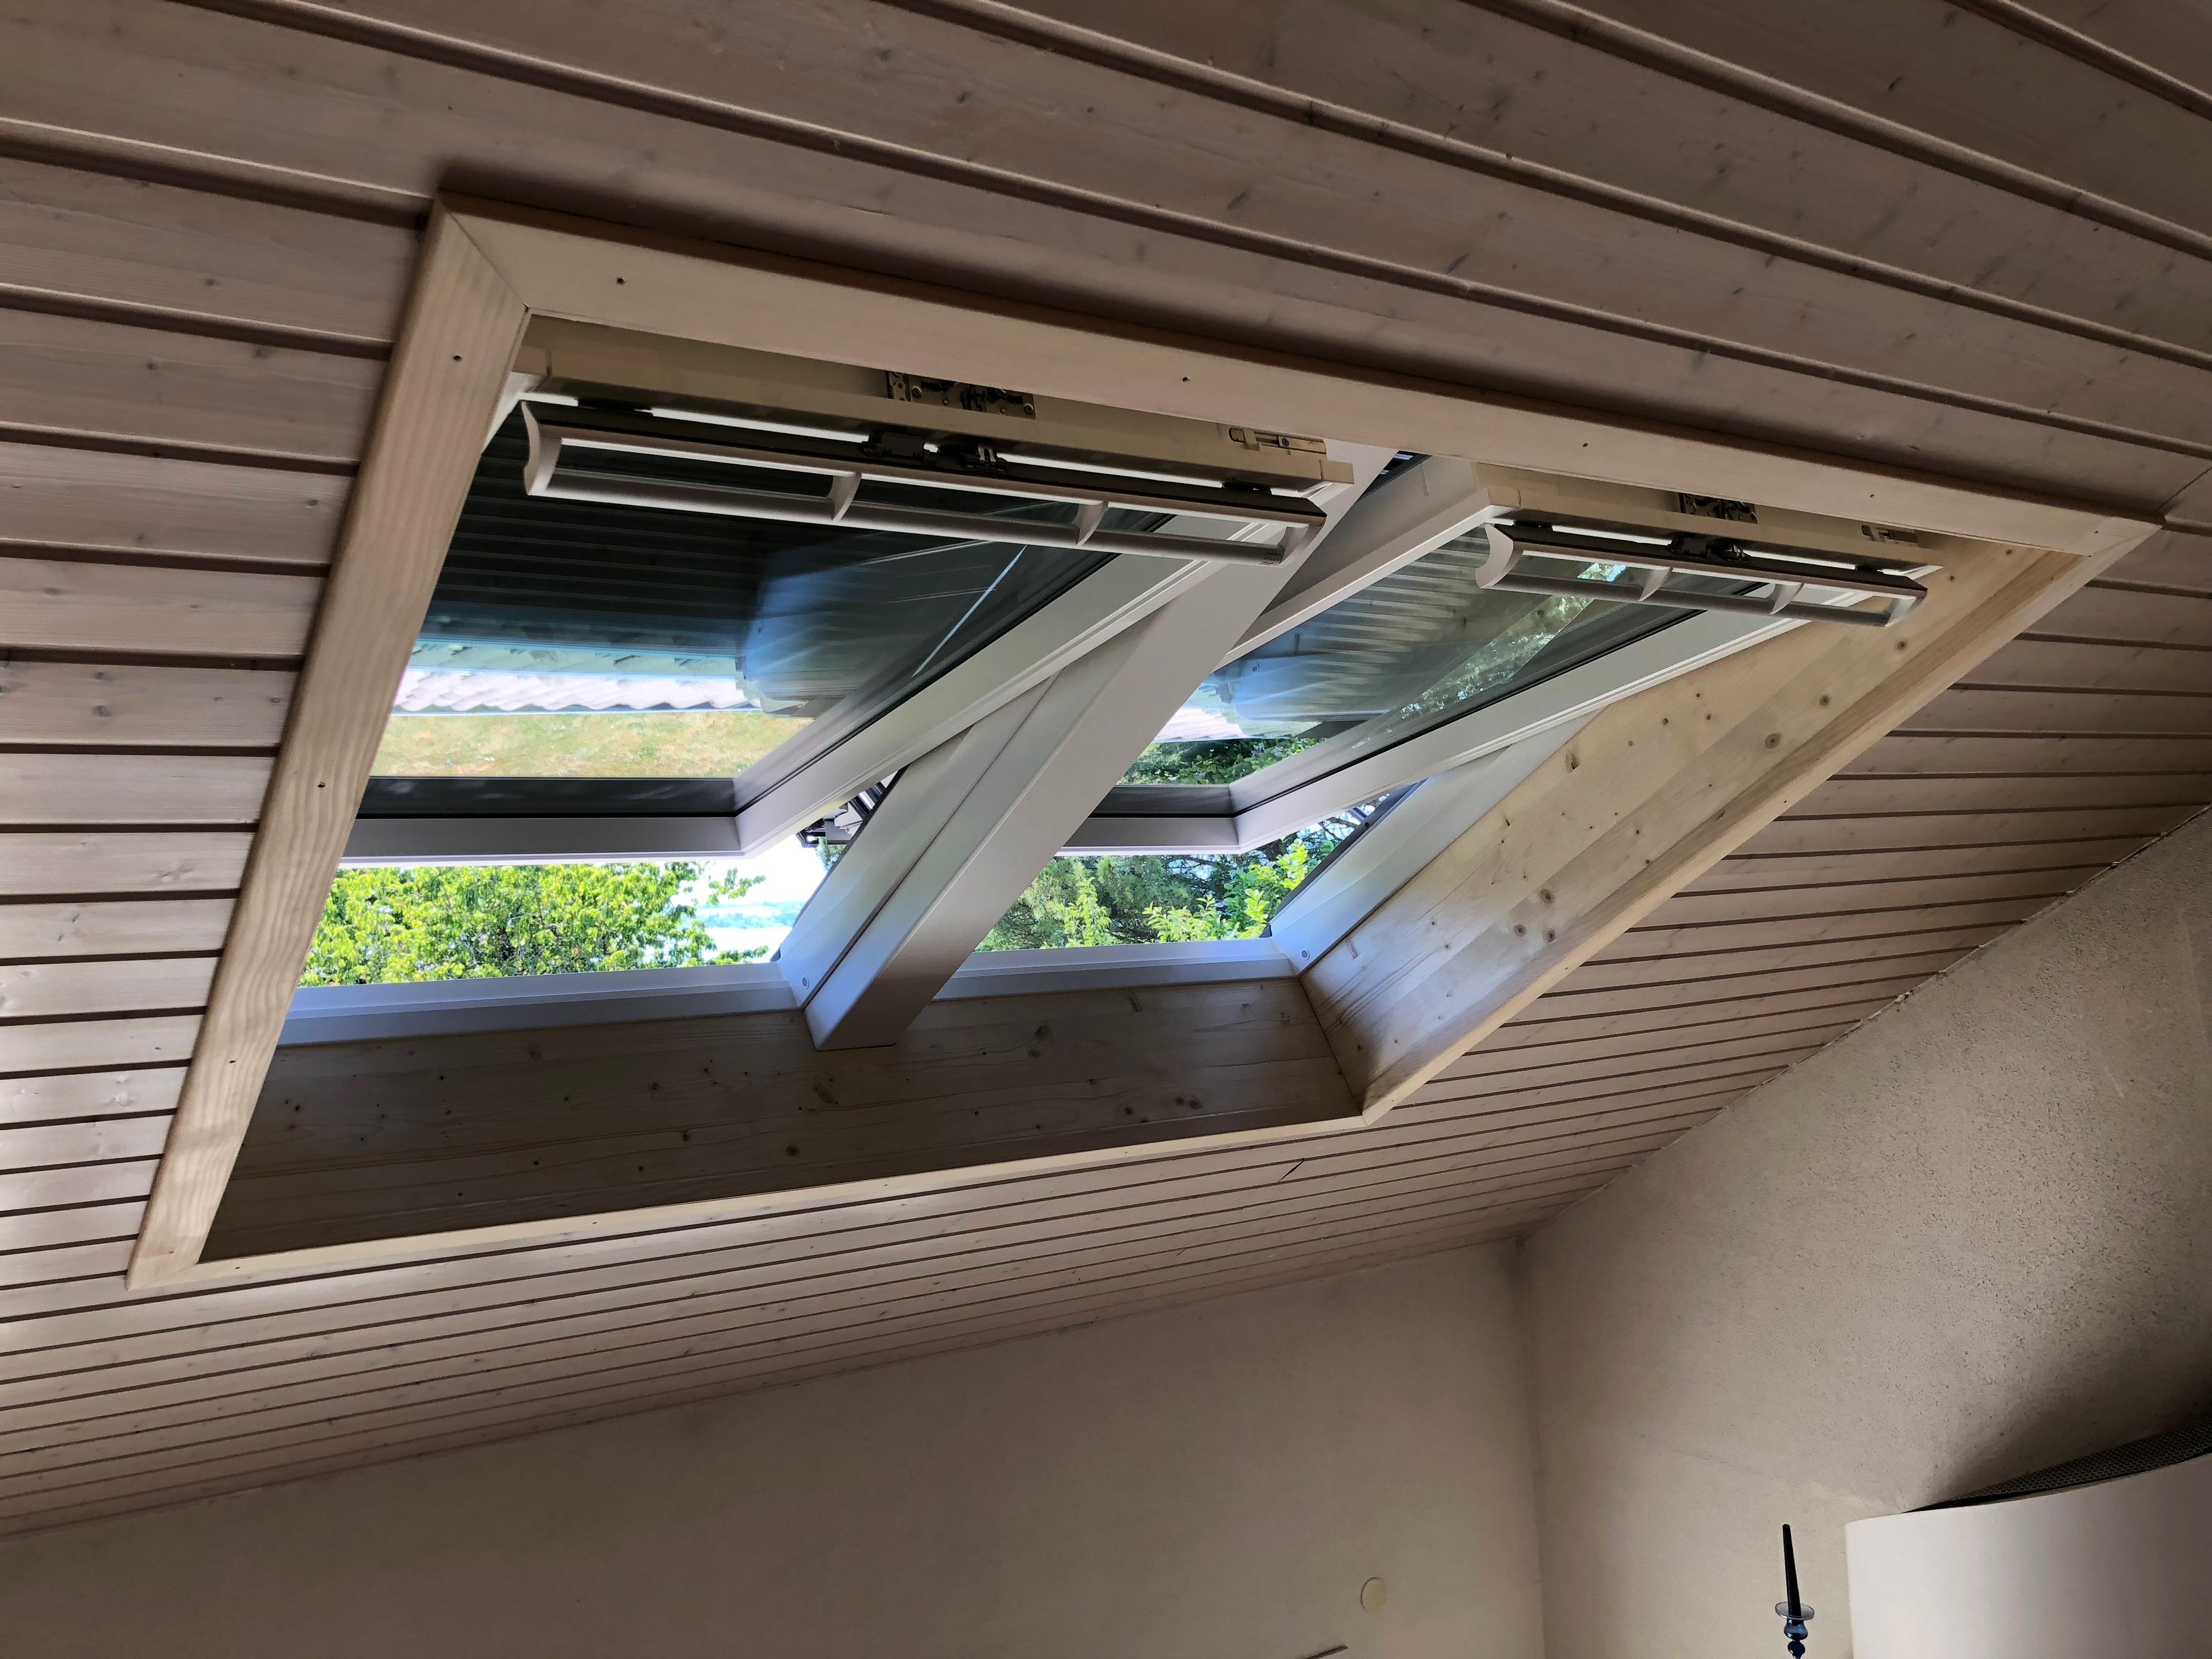 Remplacement d'une verrière par 2 fenêtres de toit VELUX à Anthy-sur-Leman